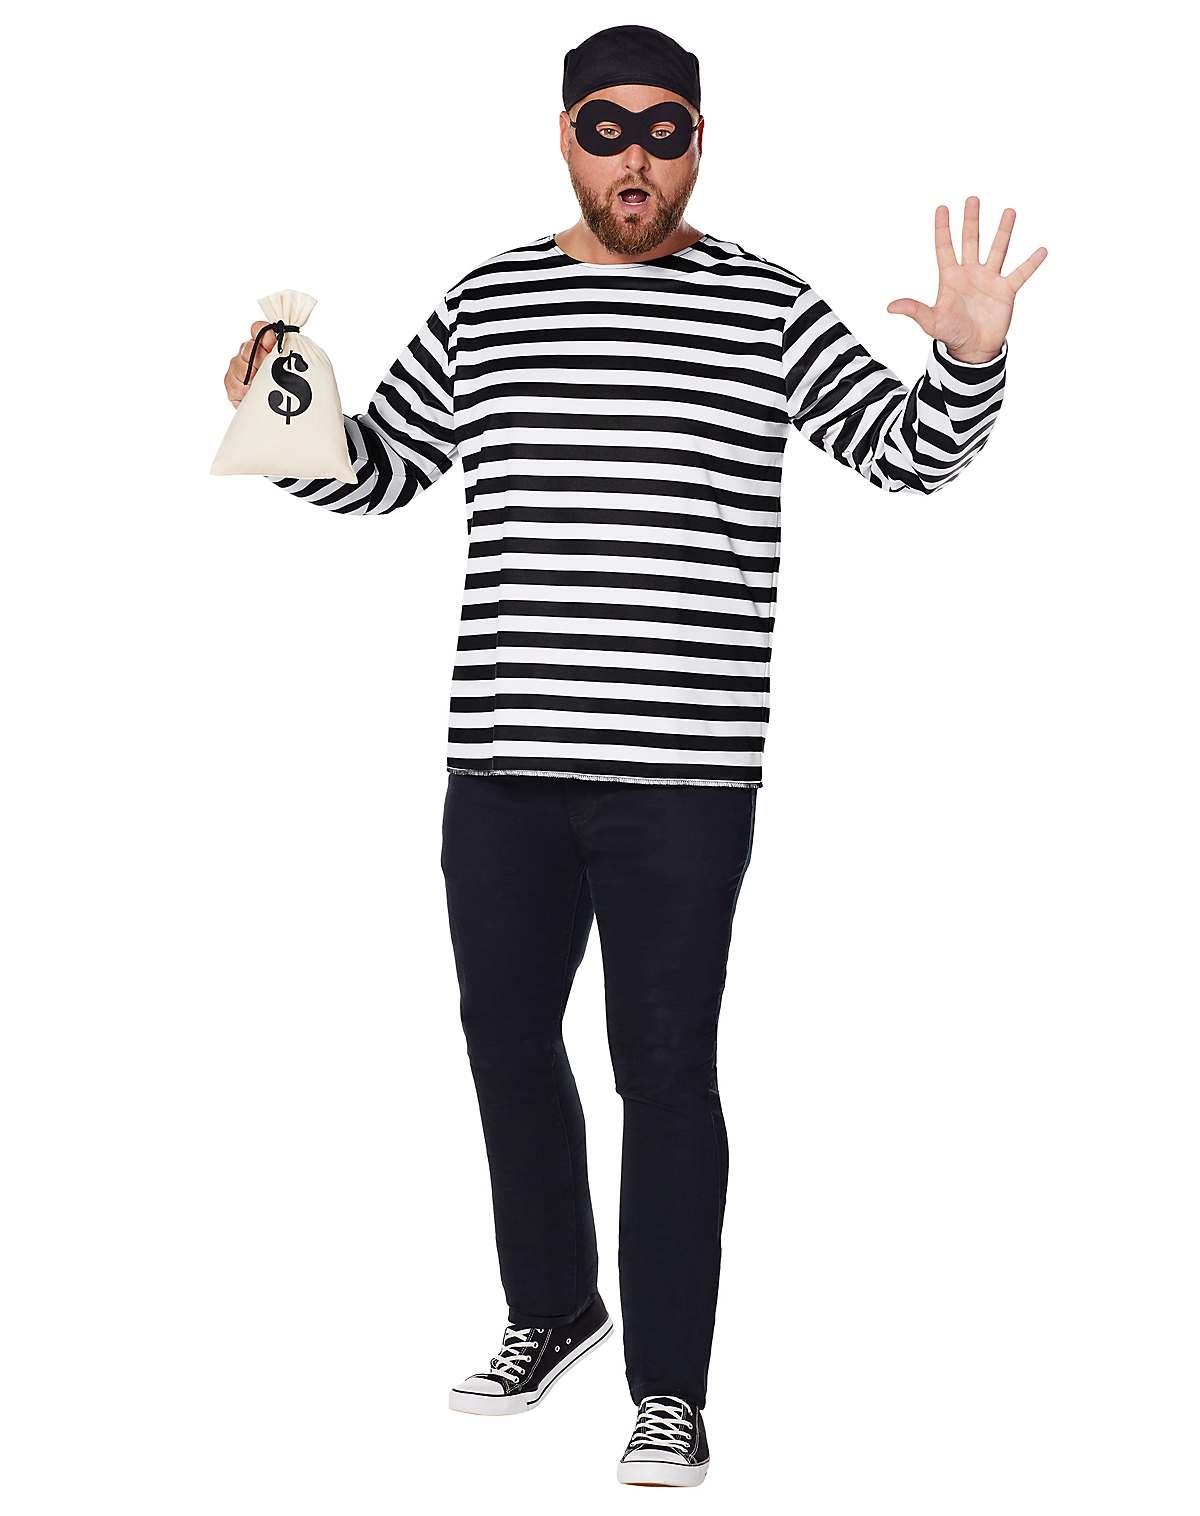 Burglar plus size costume